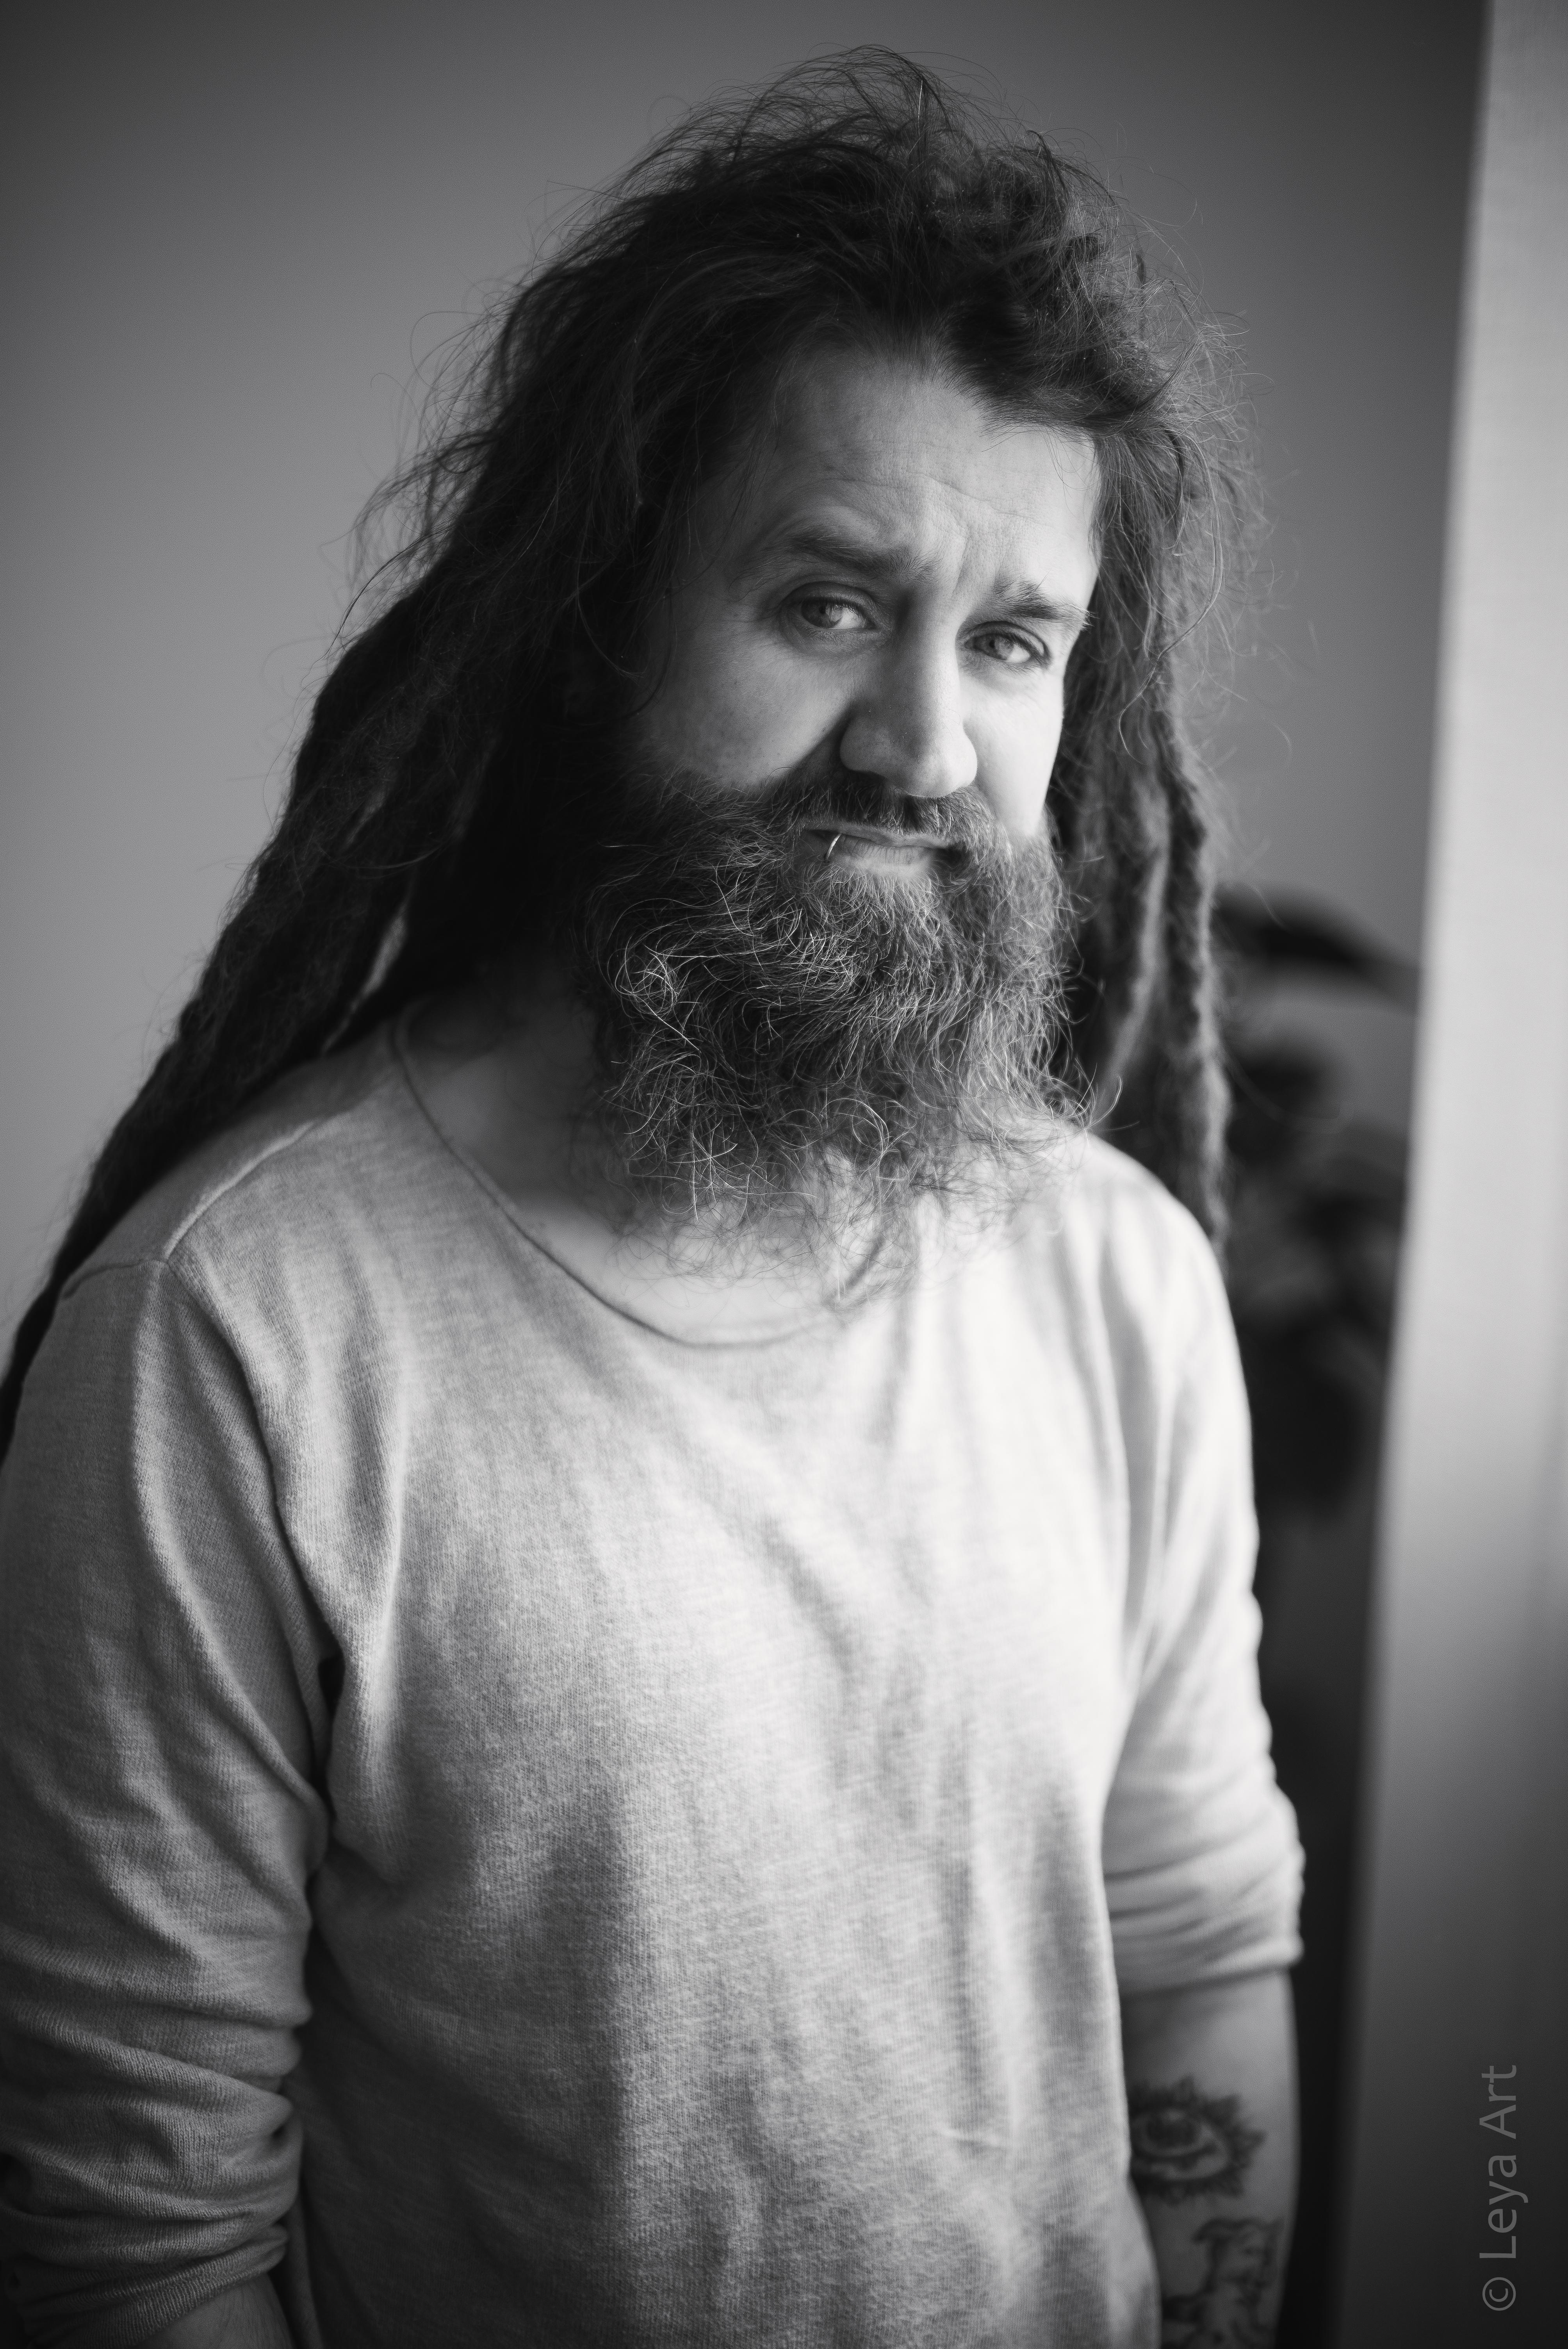 Julien - Portraits 2020